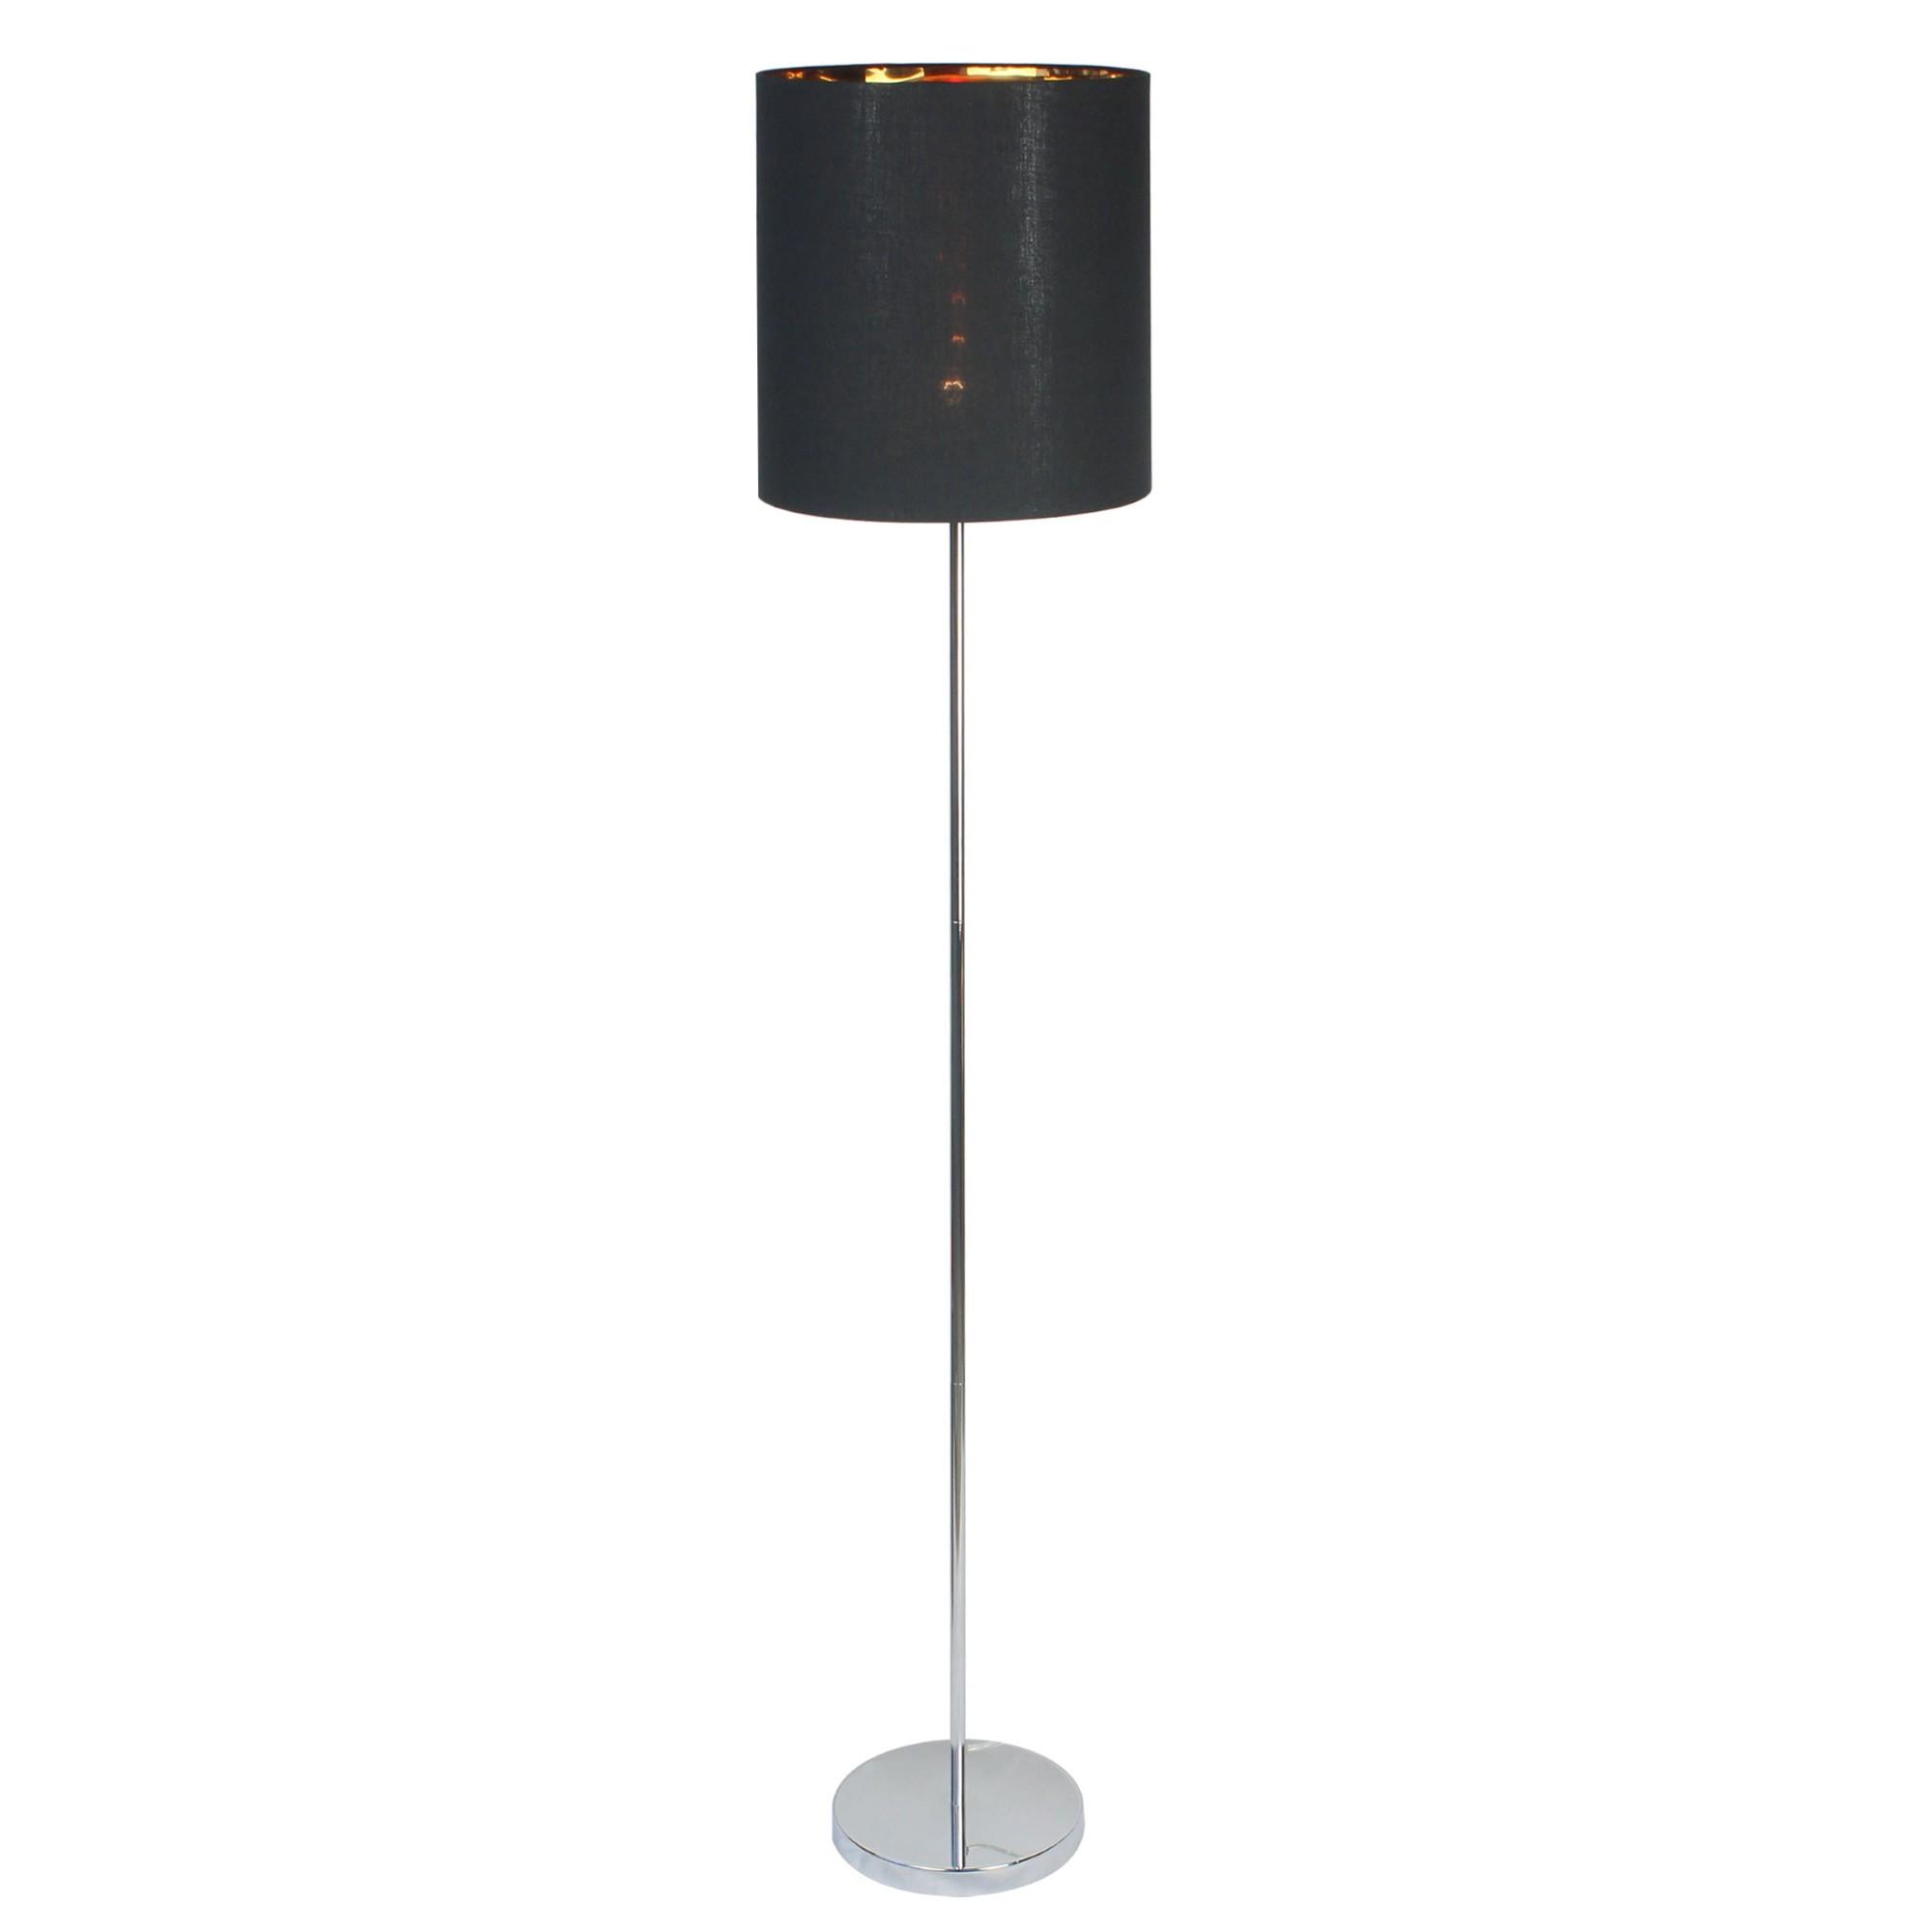 Luminaria Coluna de Aco e Tecido 165m Preta 7570 - Ecoline